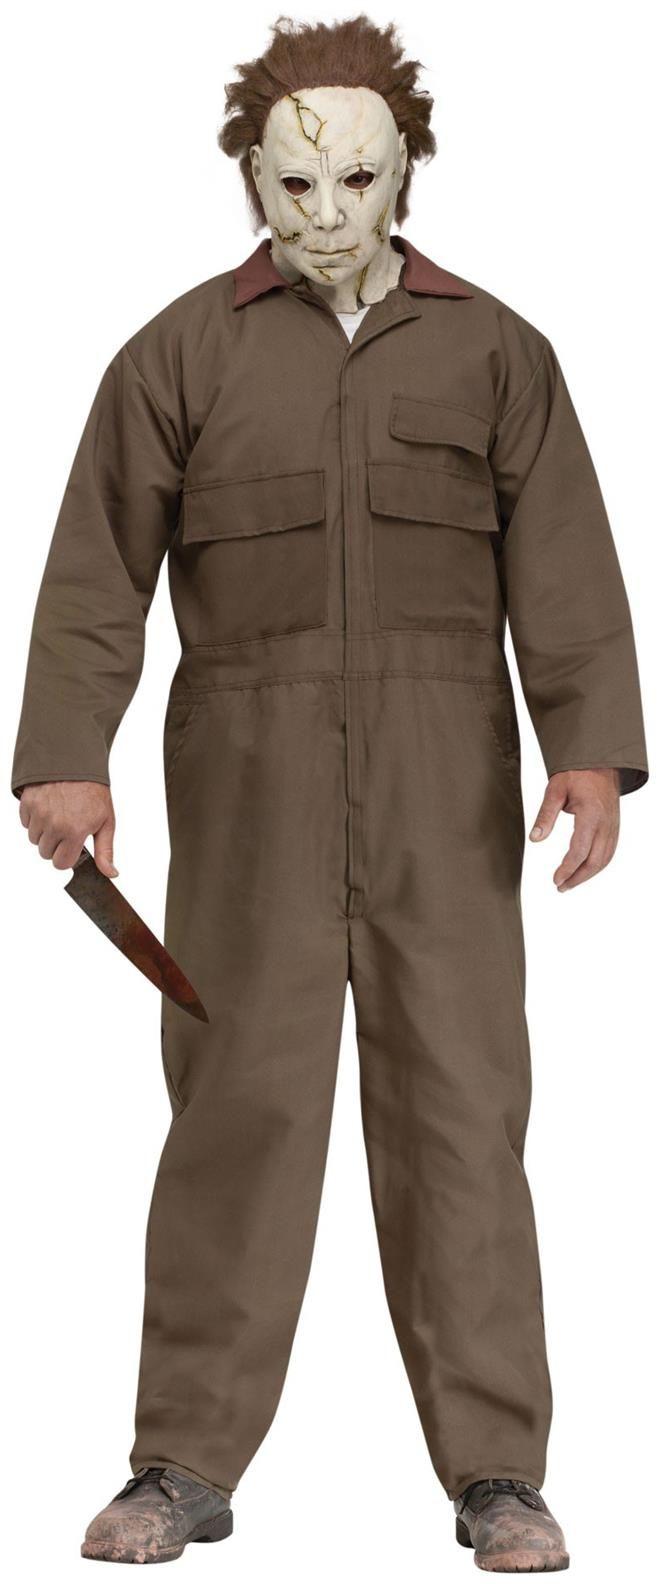 Best 10+ Michael myers halloween costume ideas on Pinterest ...